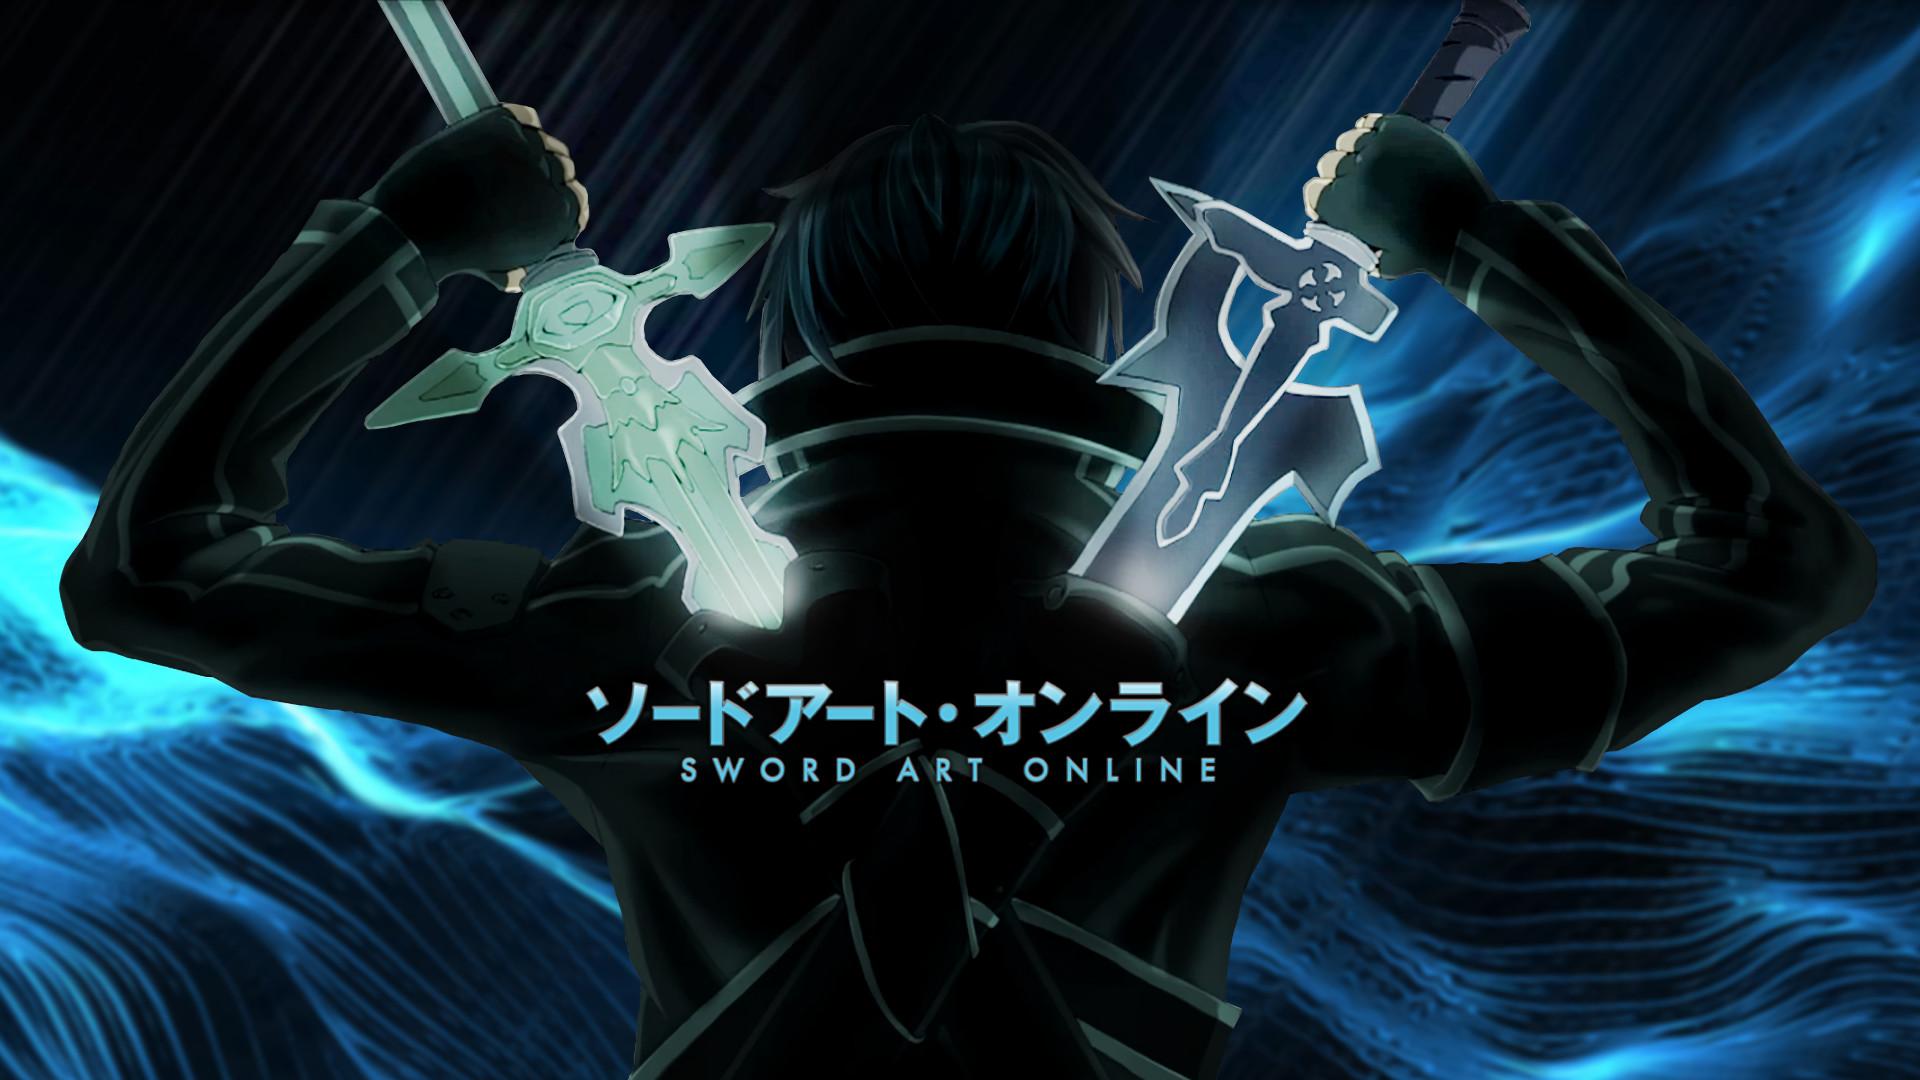 Sword Art Online Hd Wallpaper 82 Images